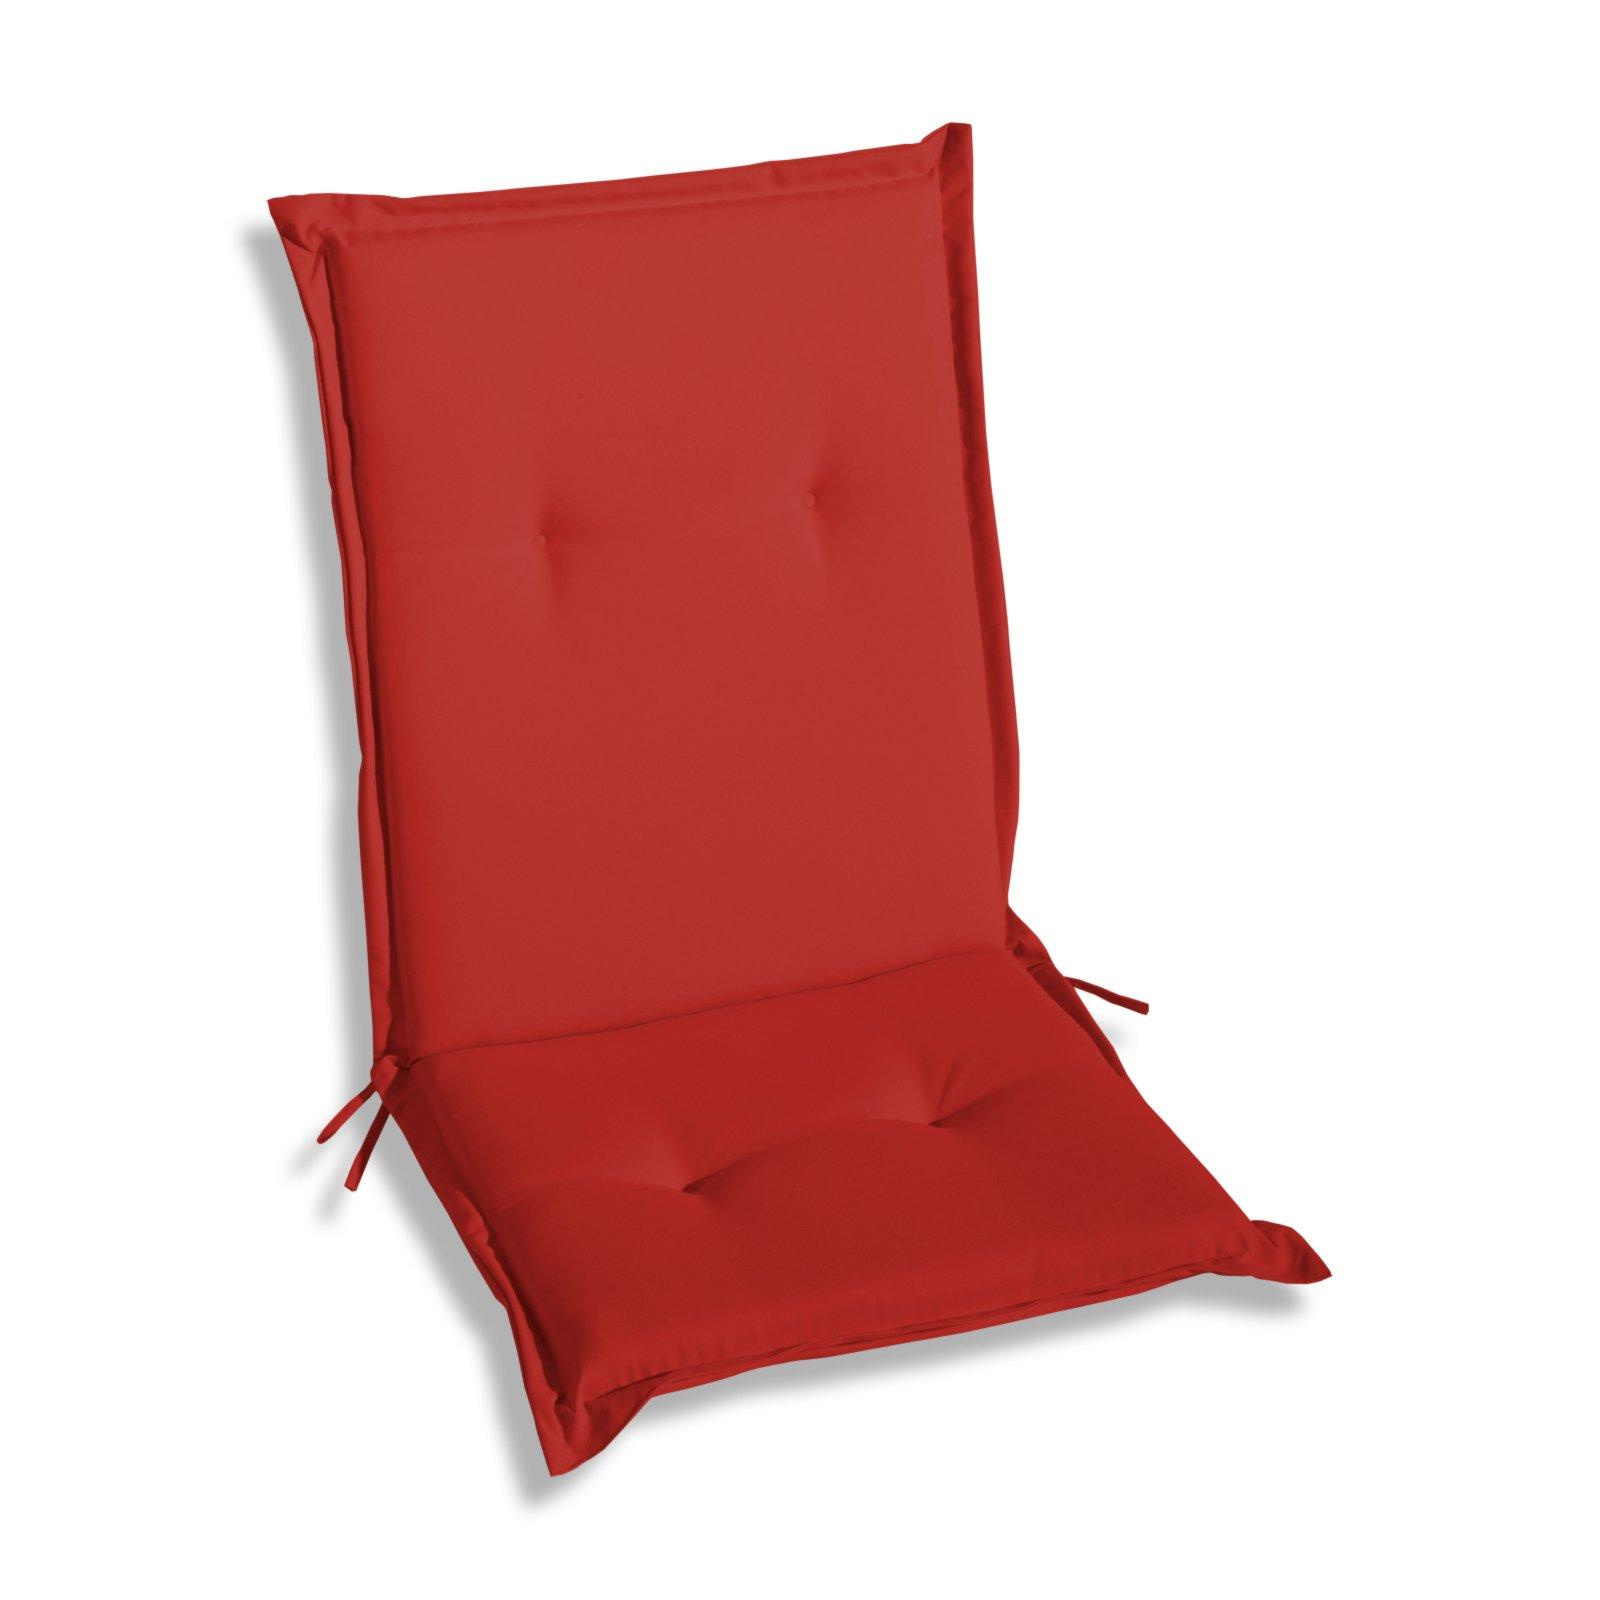 sitzauflage r cken niedrig woody rot auflagen. Black Bedroom Furniture Sets. Home Design Ideas